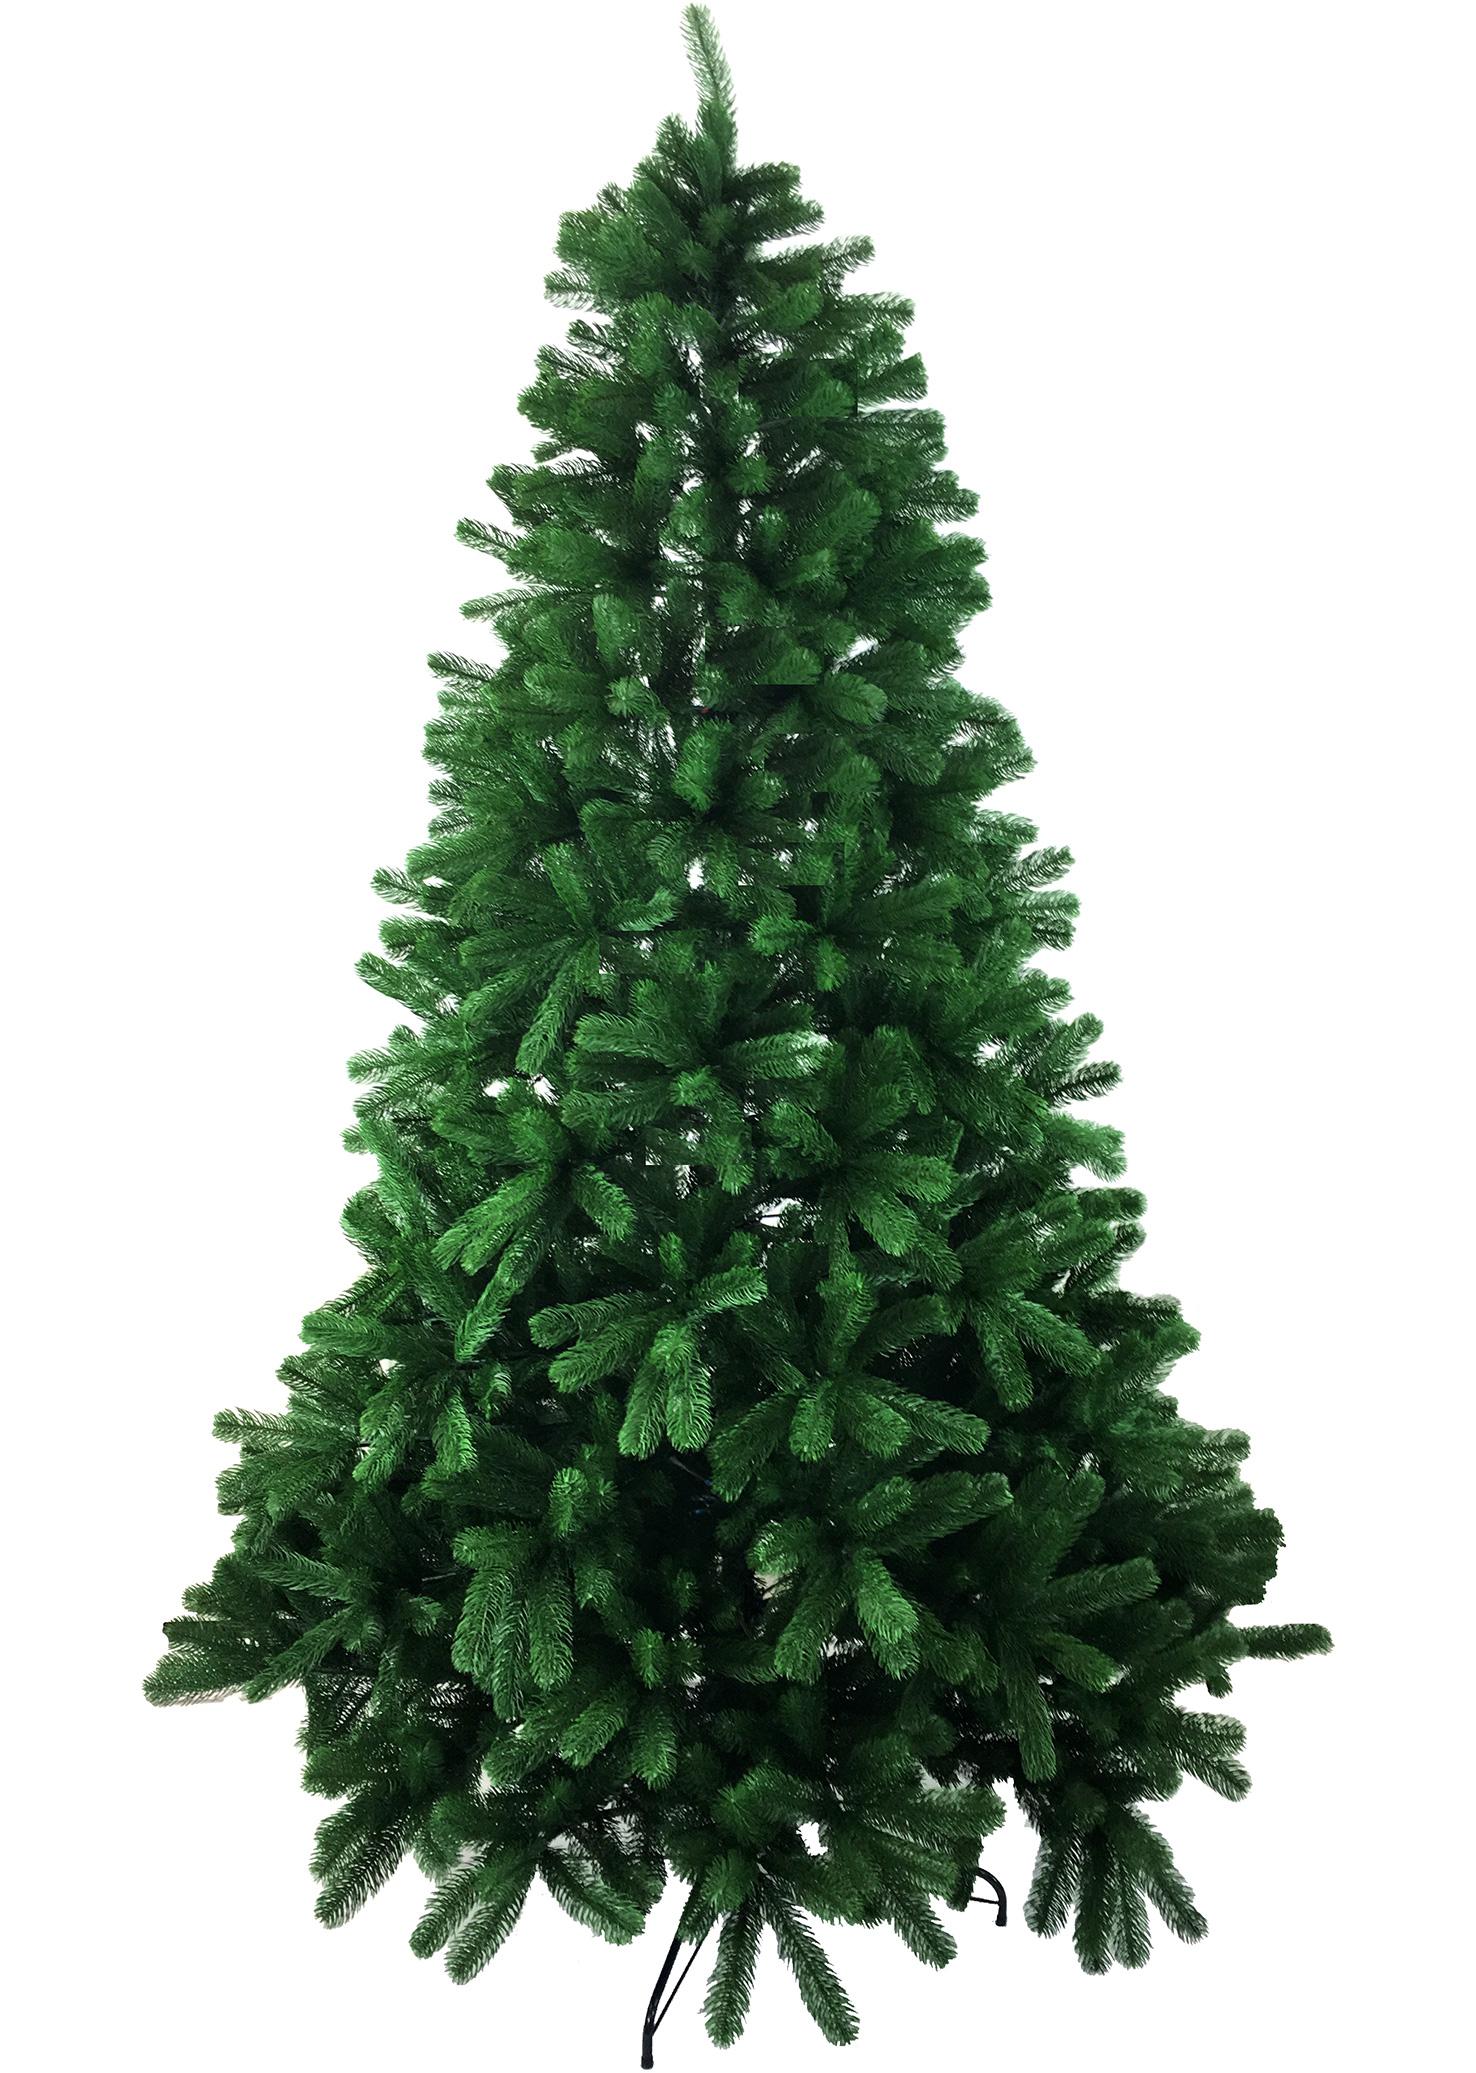 Wie Entstand Der Weihnachtsbaum.Weihnachtsbaum Oh Weihnachtsbaum Artfleur